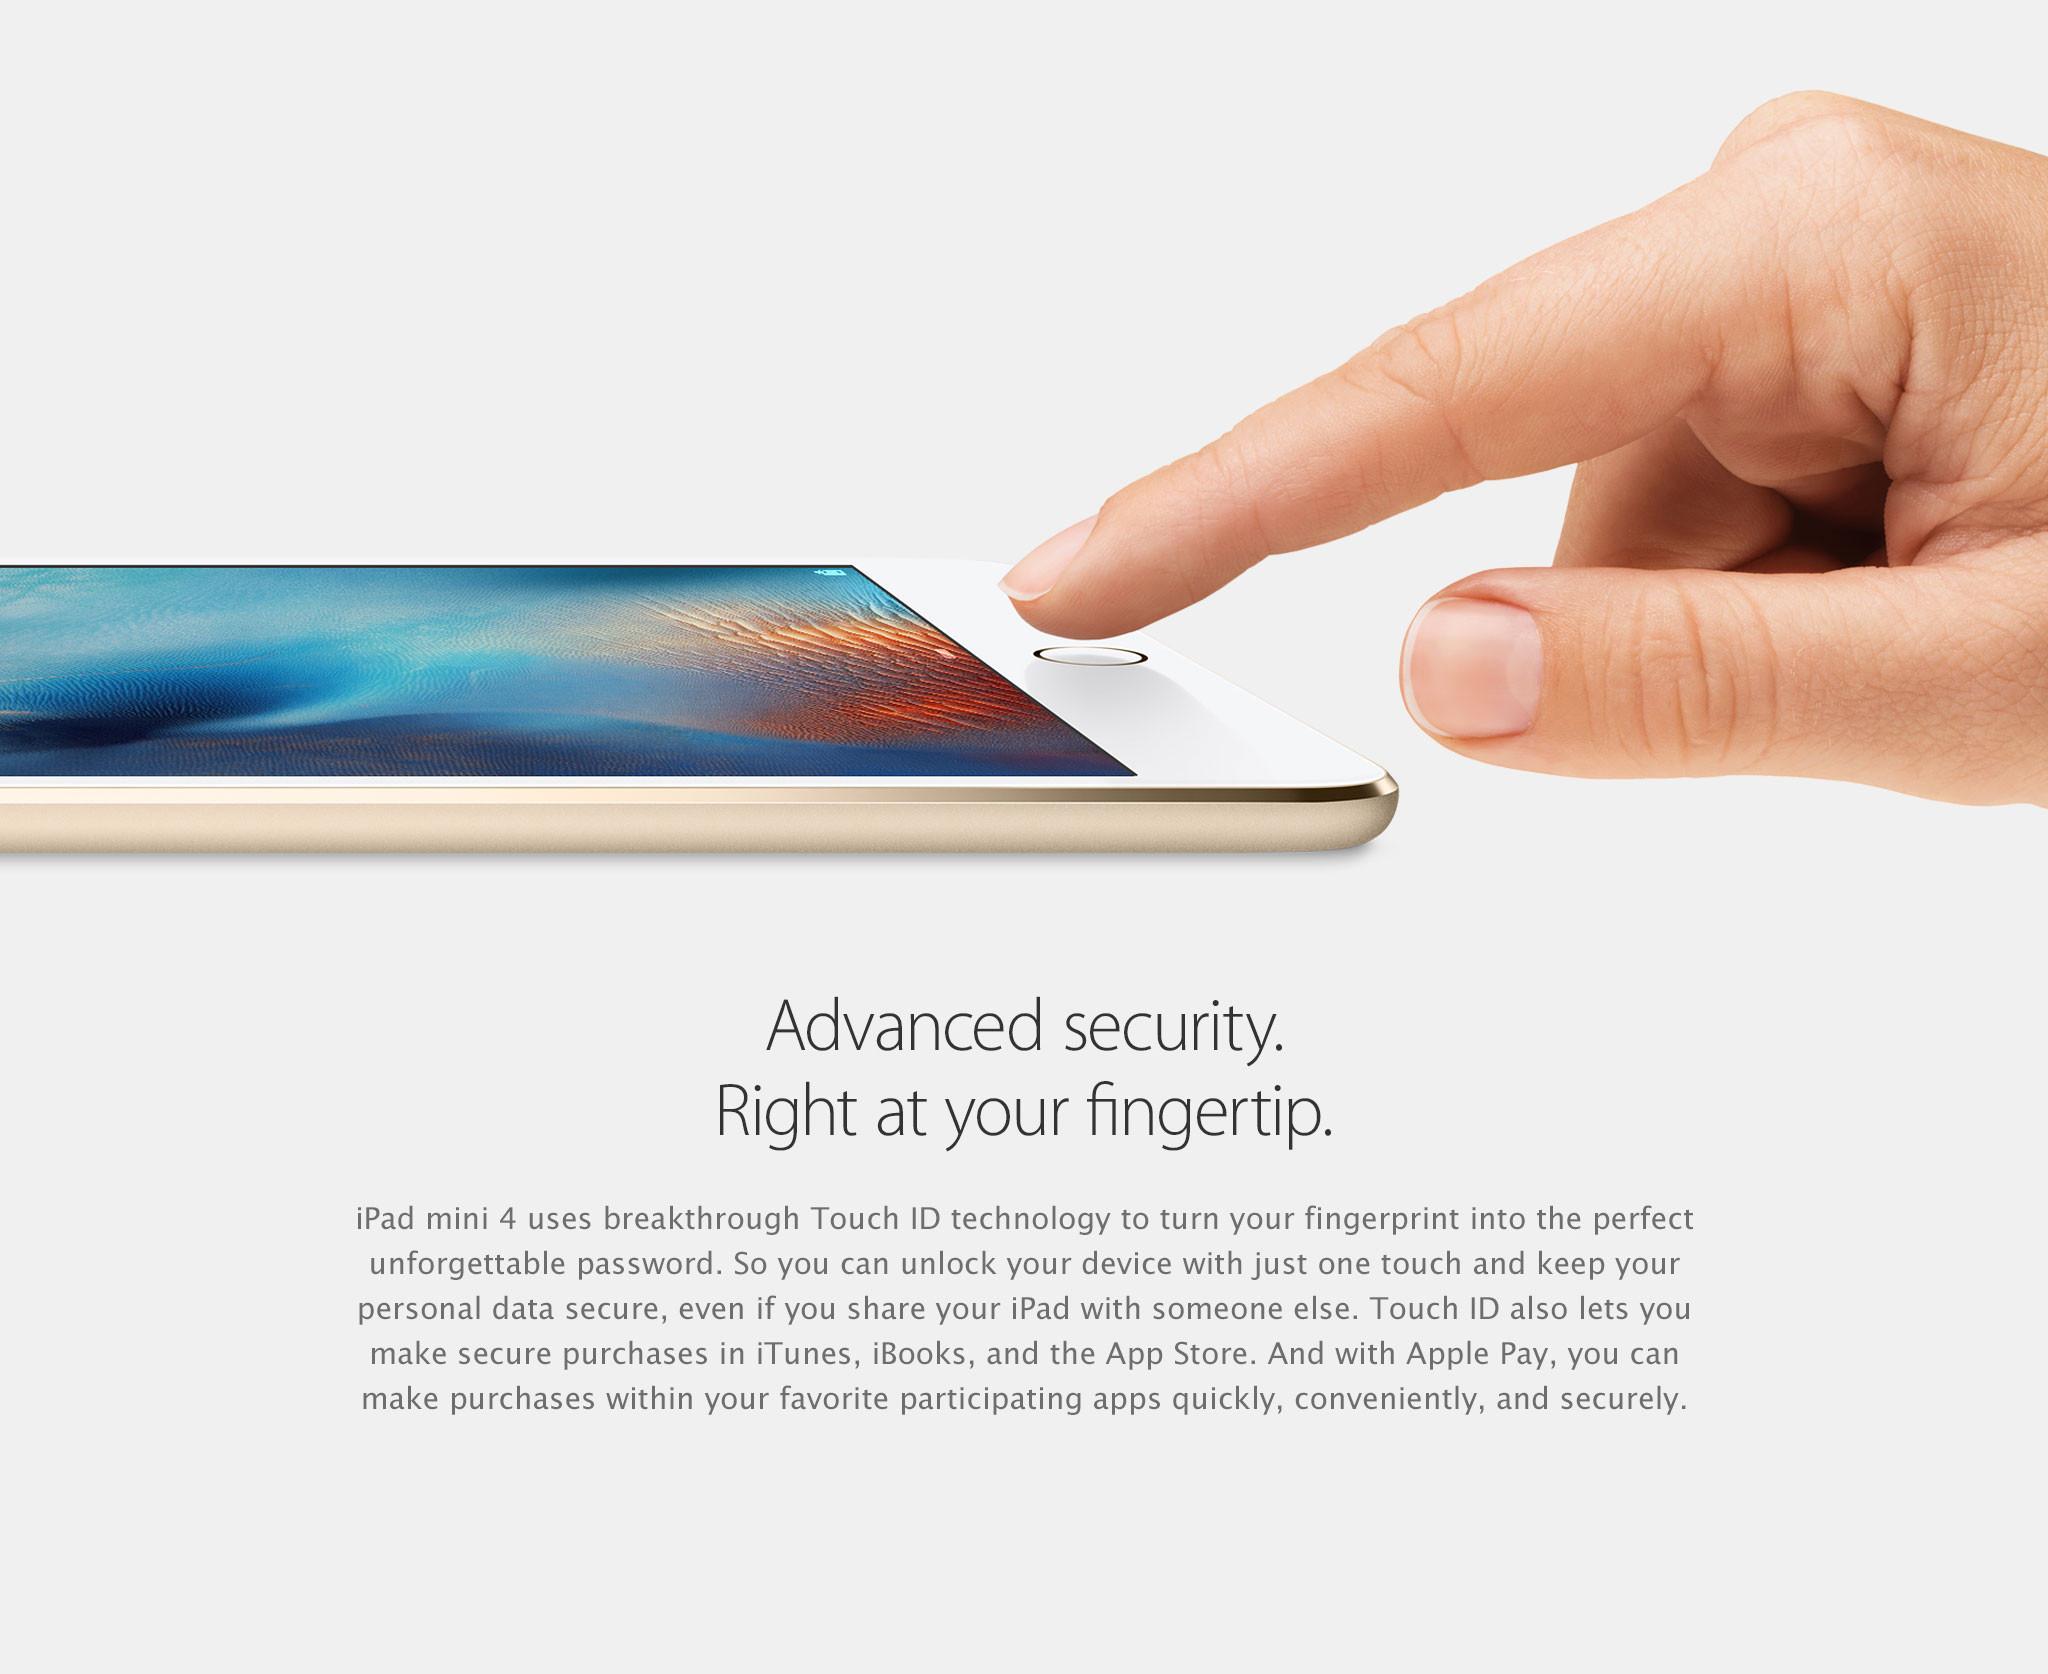 Seguridad de avanzada, al alcance de tu mano. El iPad mini 4 emplea la innovadora tecnología Touch ID, que convierte tu huella dactilar en la contraseña ideal e inolvidable. De manera que puedes desbloquear tu dispositivo con solo tocarlo y mantener seguros tus datos personales, incluso si compartes tu iPad con alguien. Touch ID también te permite hacer compras seguras en iTunes, iBooks y App Store. Y con Apple Pay, puedes hacer compras en tus aplicaciones favoritas que estén habilitadas, de manera rápida, cómoda y segura.